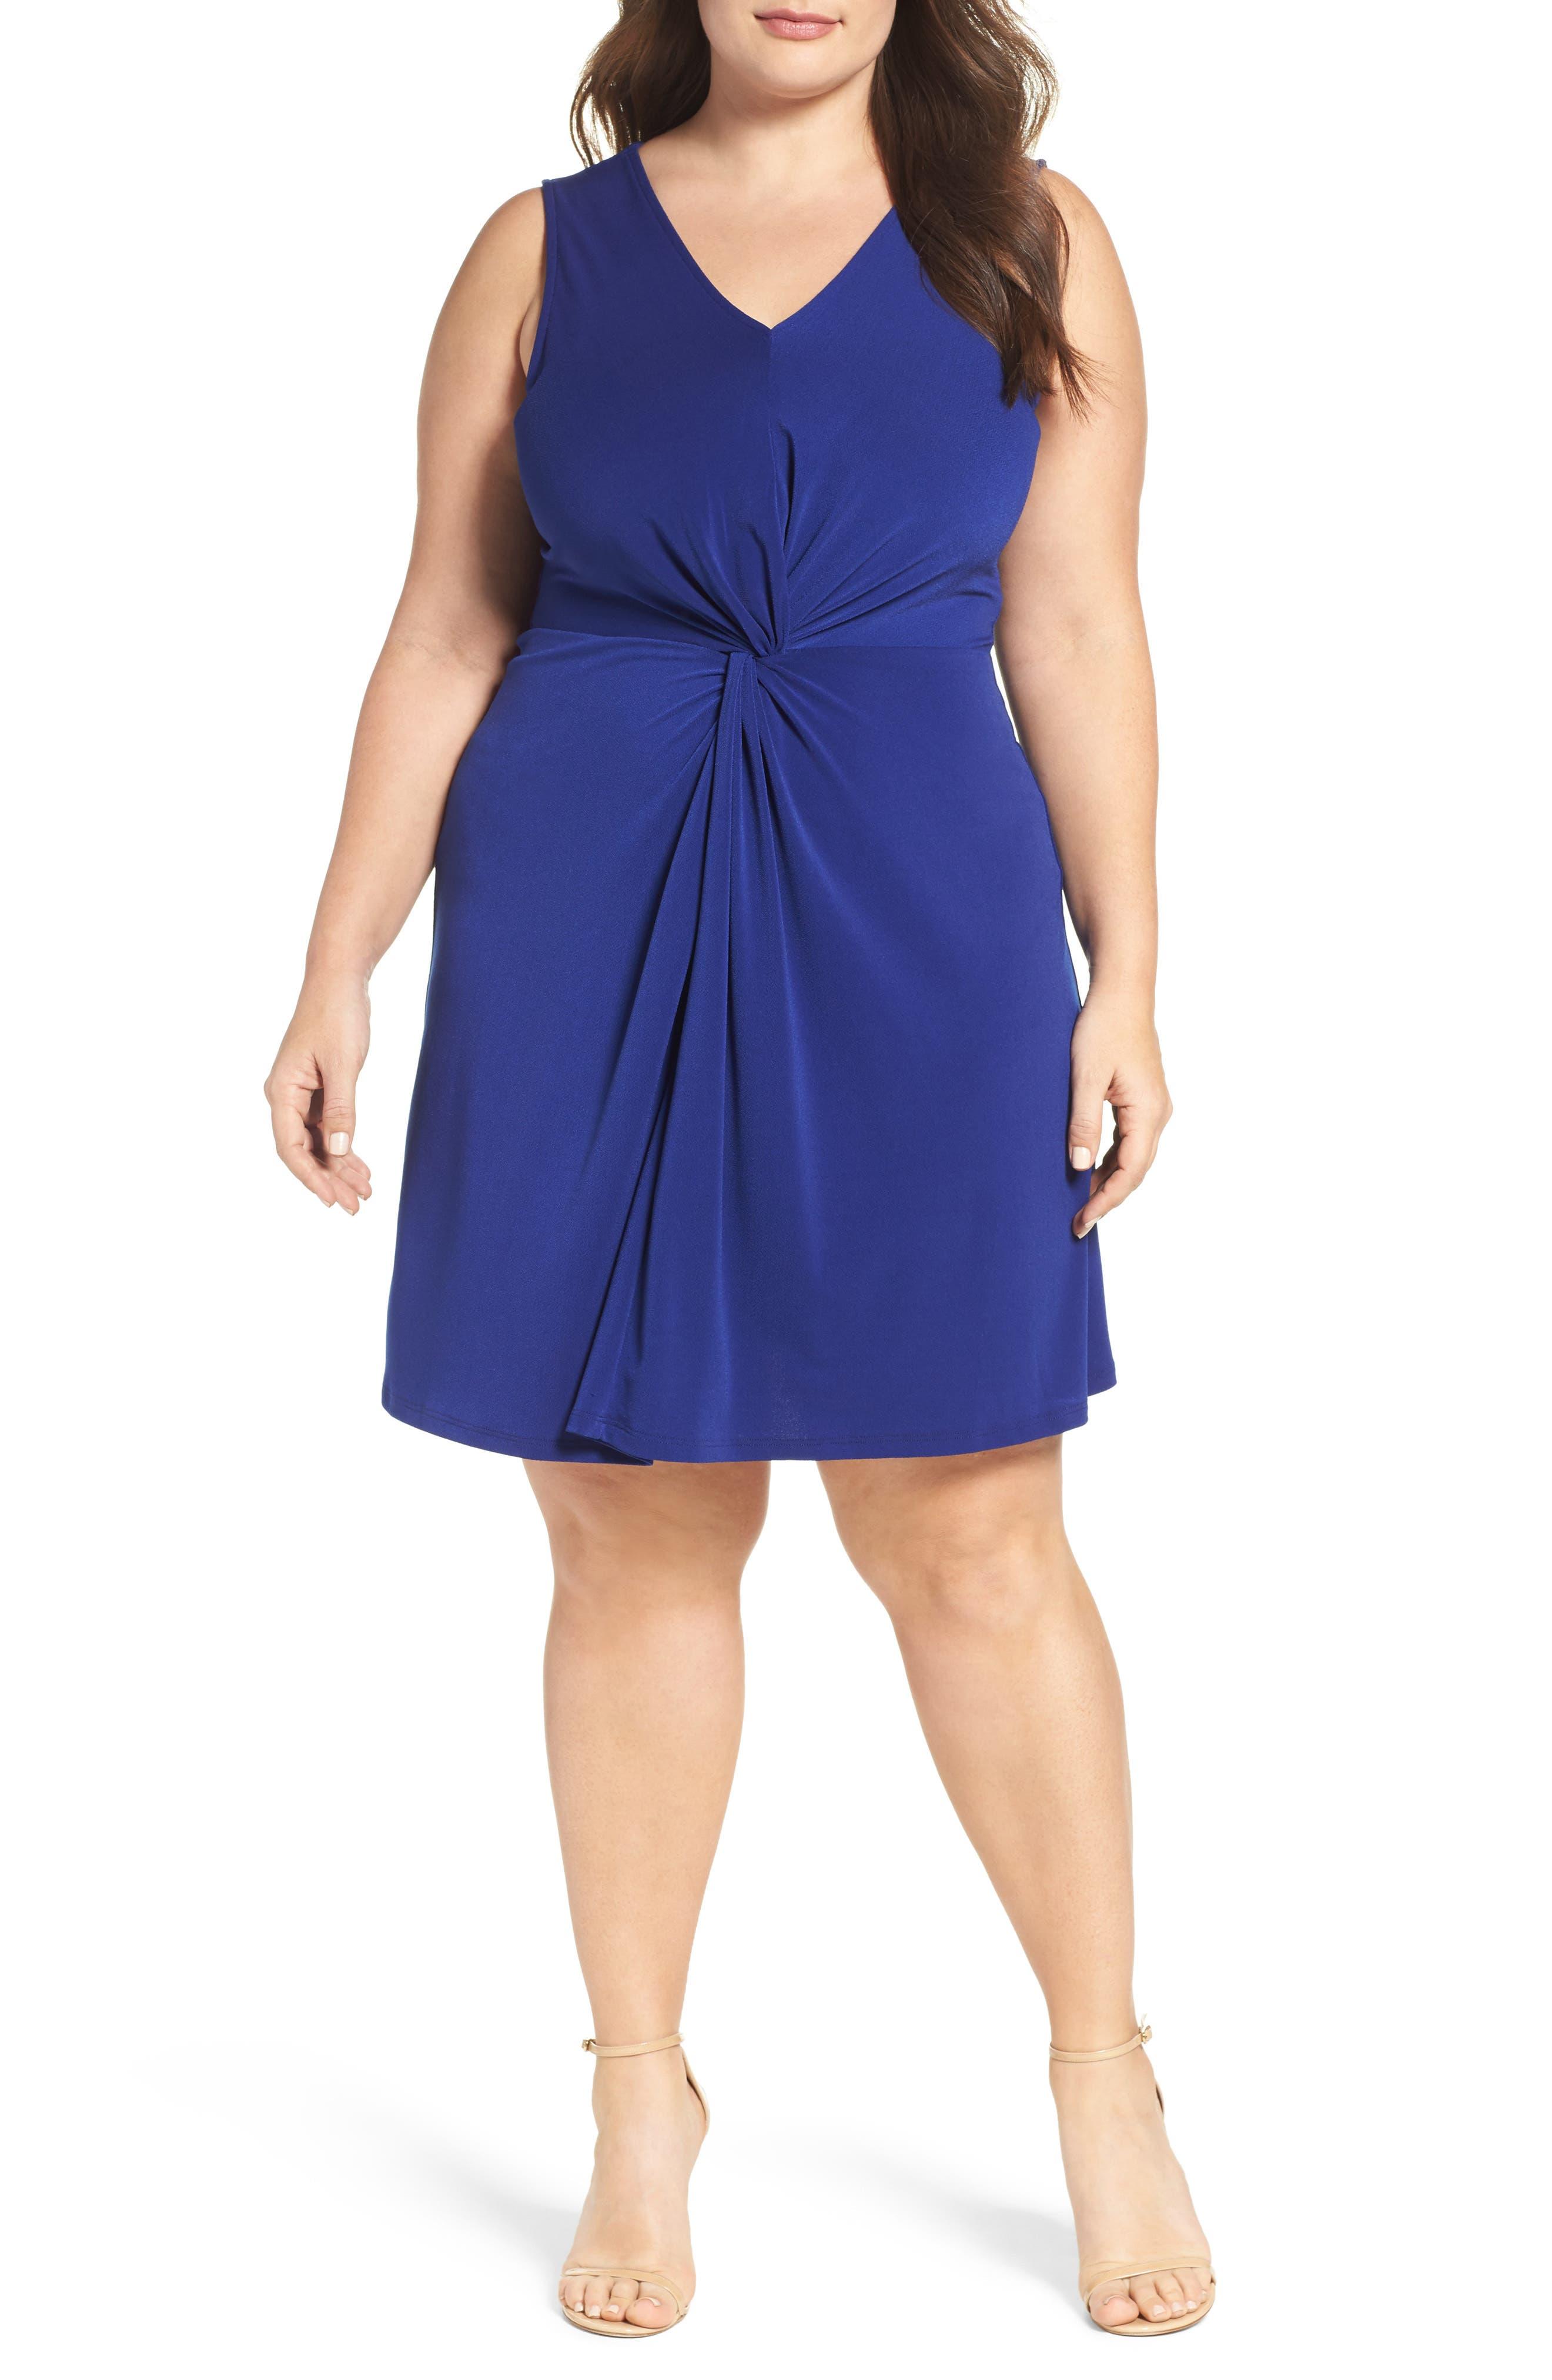 LEOTA Twist Front Jersey Dress in Navy Crepe